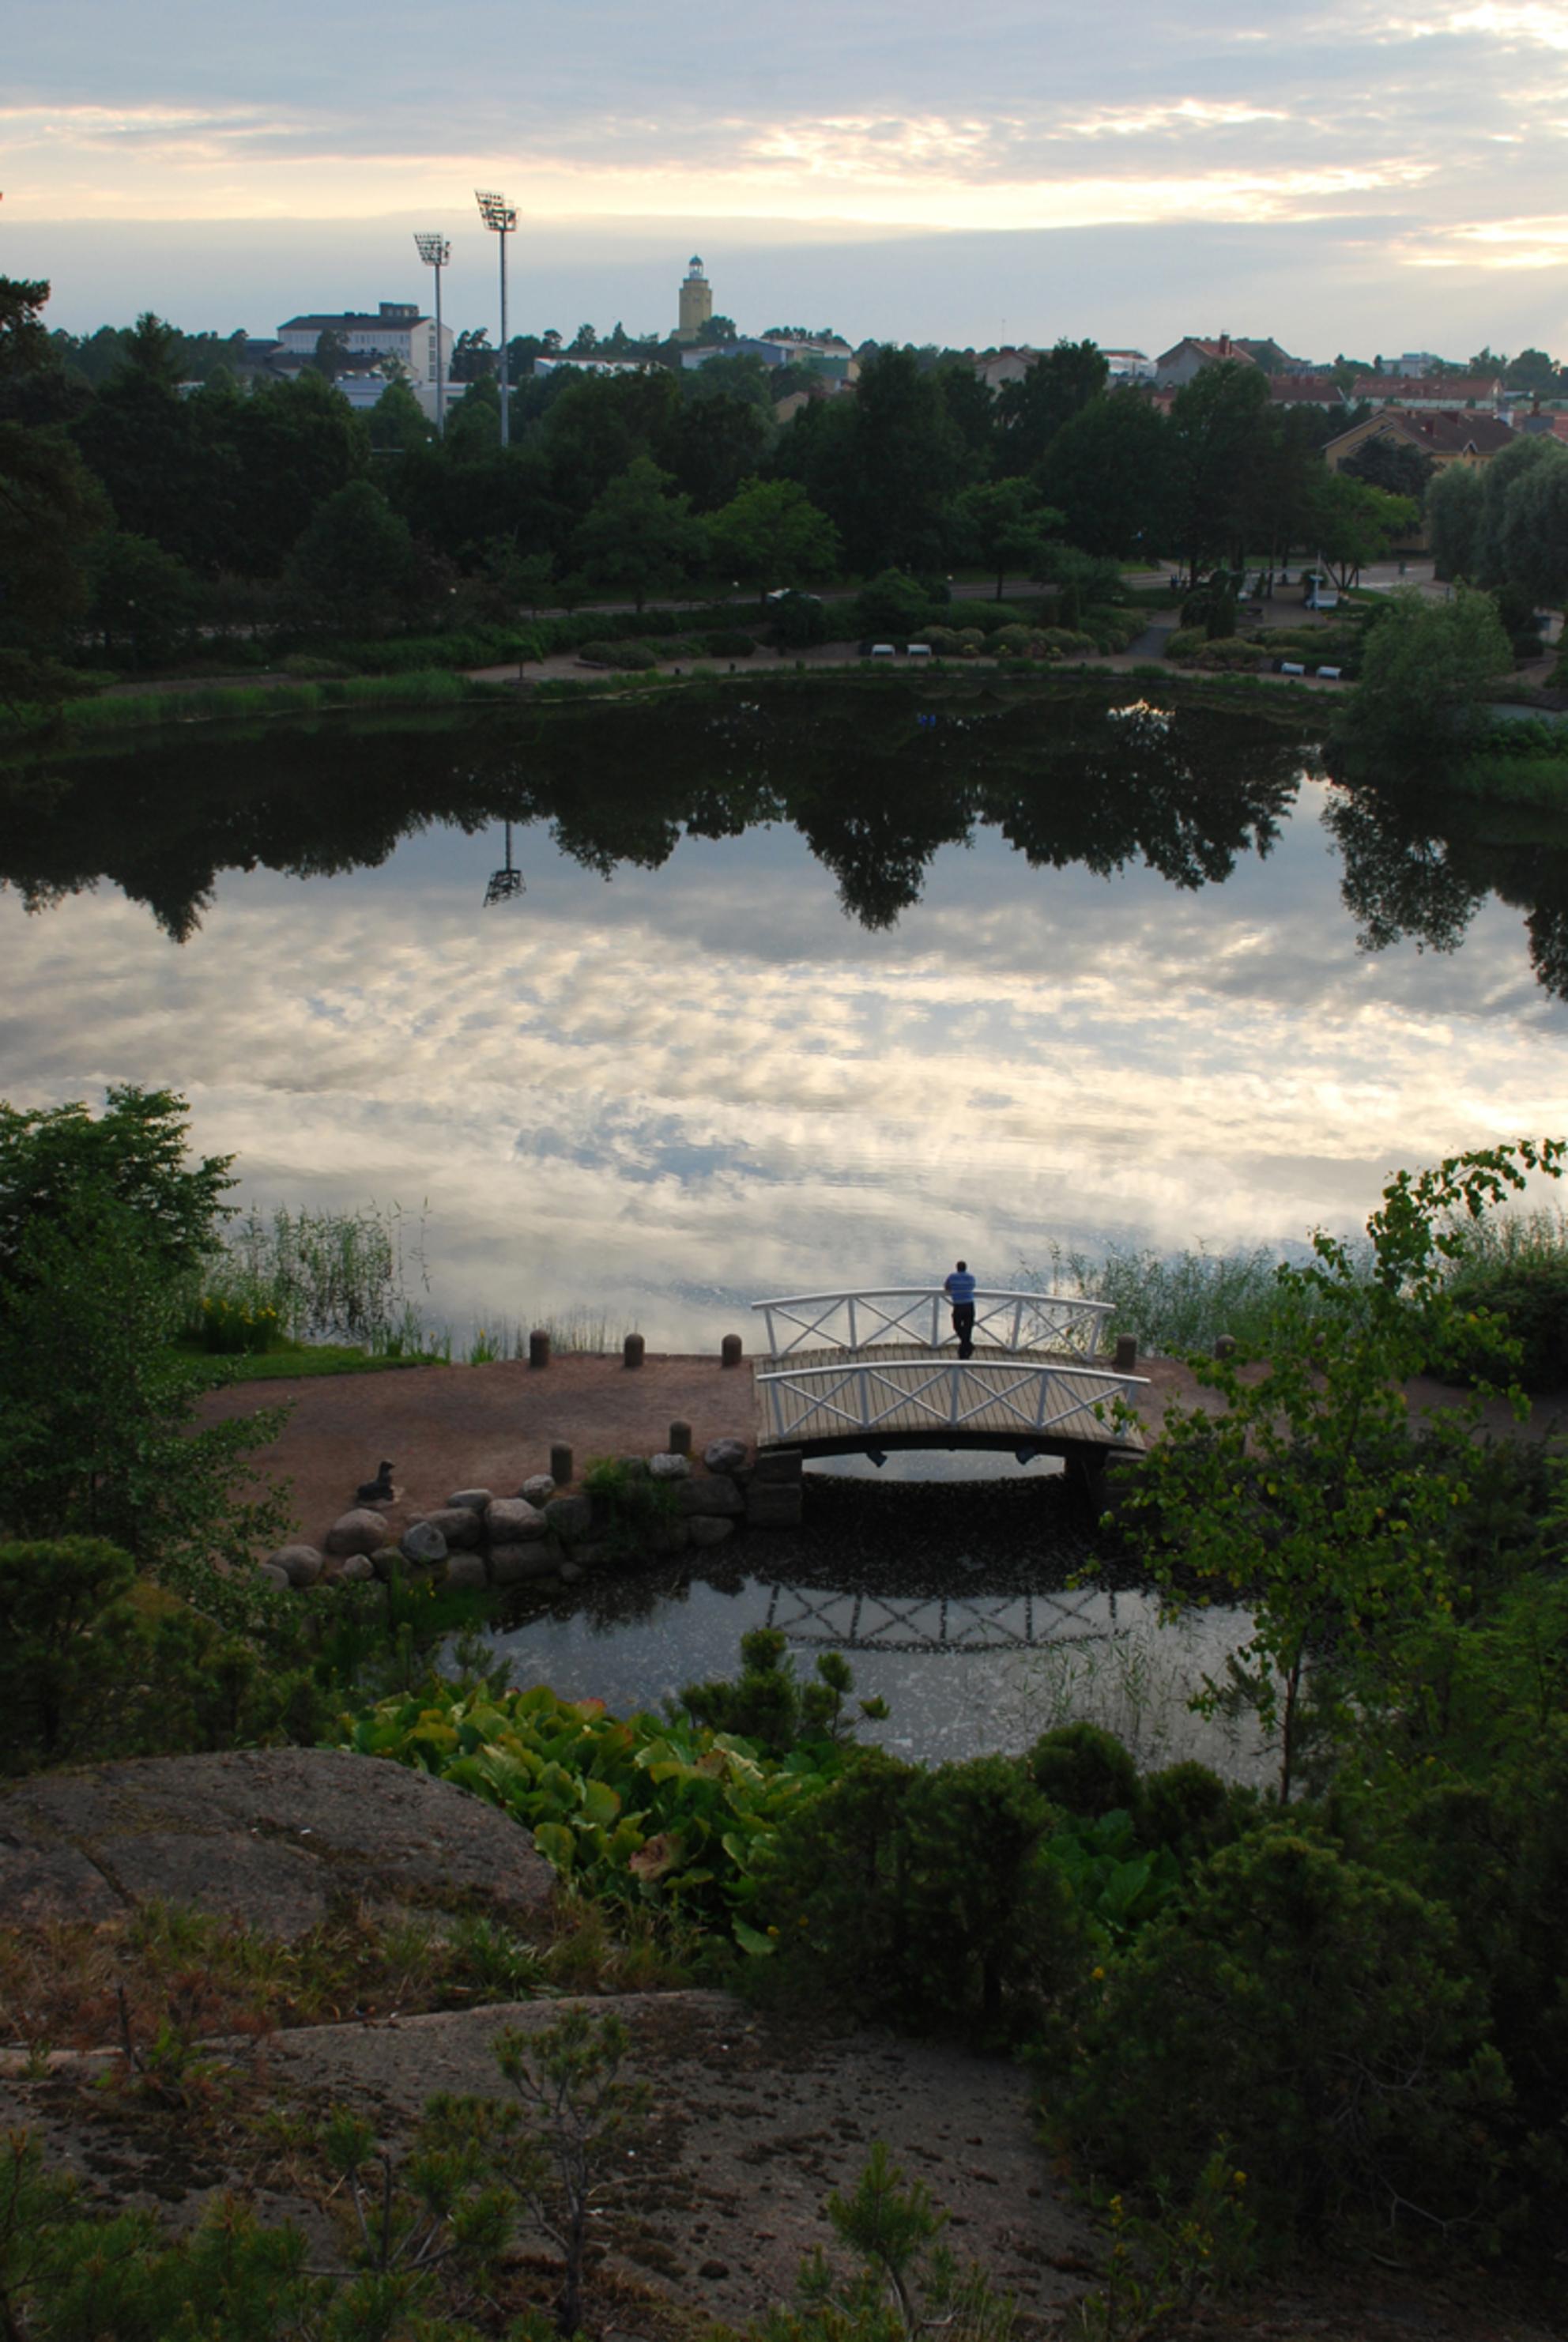 Bewerkingsuitdaging 2013 week 45 - 46 - Sapokka Waterpark, Kotka, Finland Een oase van rust aan de rand van de meest drukke exporthaven van Finland.  Alle inzenders van de vorige uitdagi - foto door jopper op 10-11-2013 - deze foto bevat: vijver, reflectie, finland, parken, kotka, jopper, buwk45-46-2013